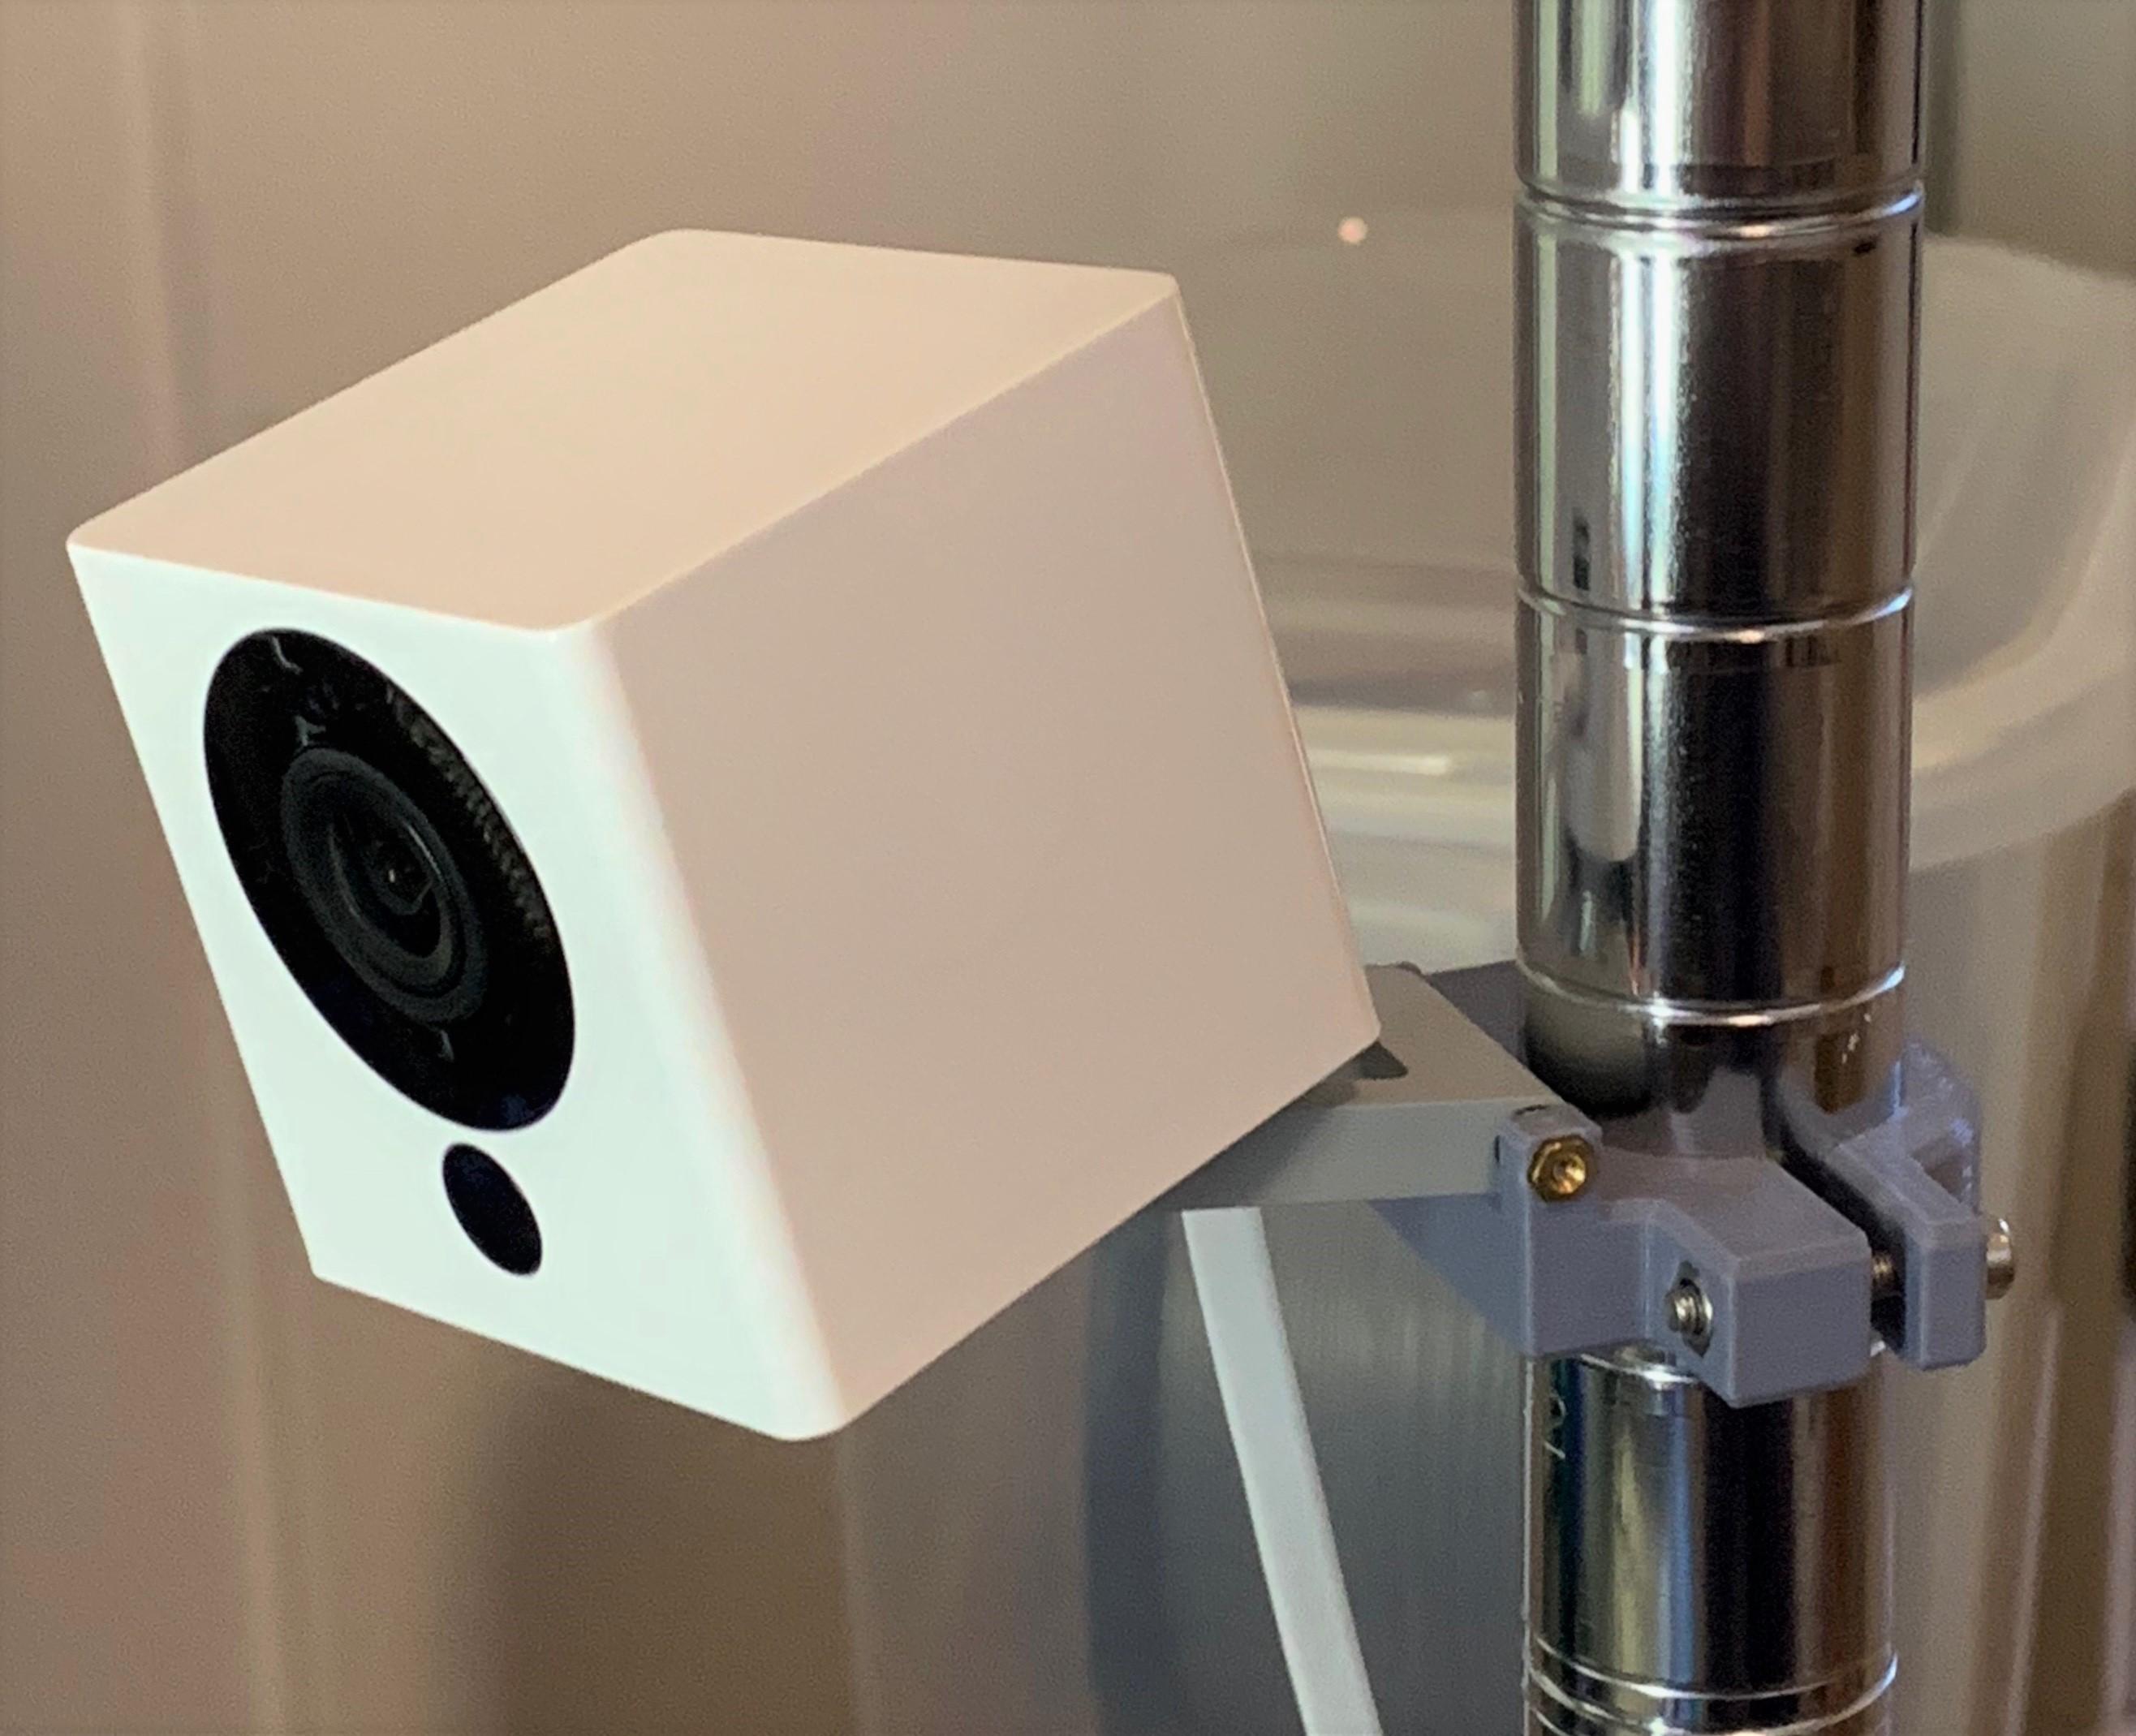 Cam Tube wyze cam tube mountmotocoder - thingiverse